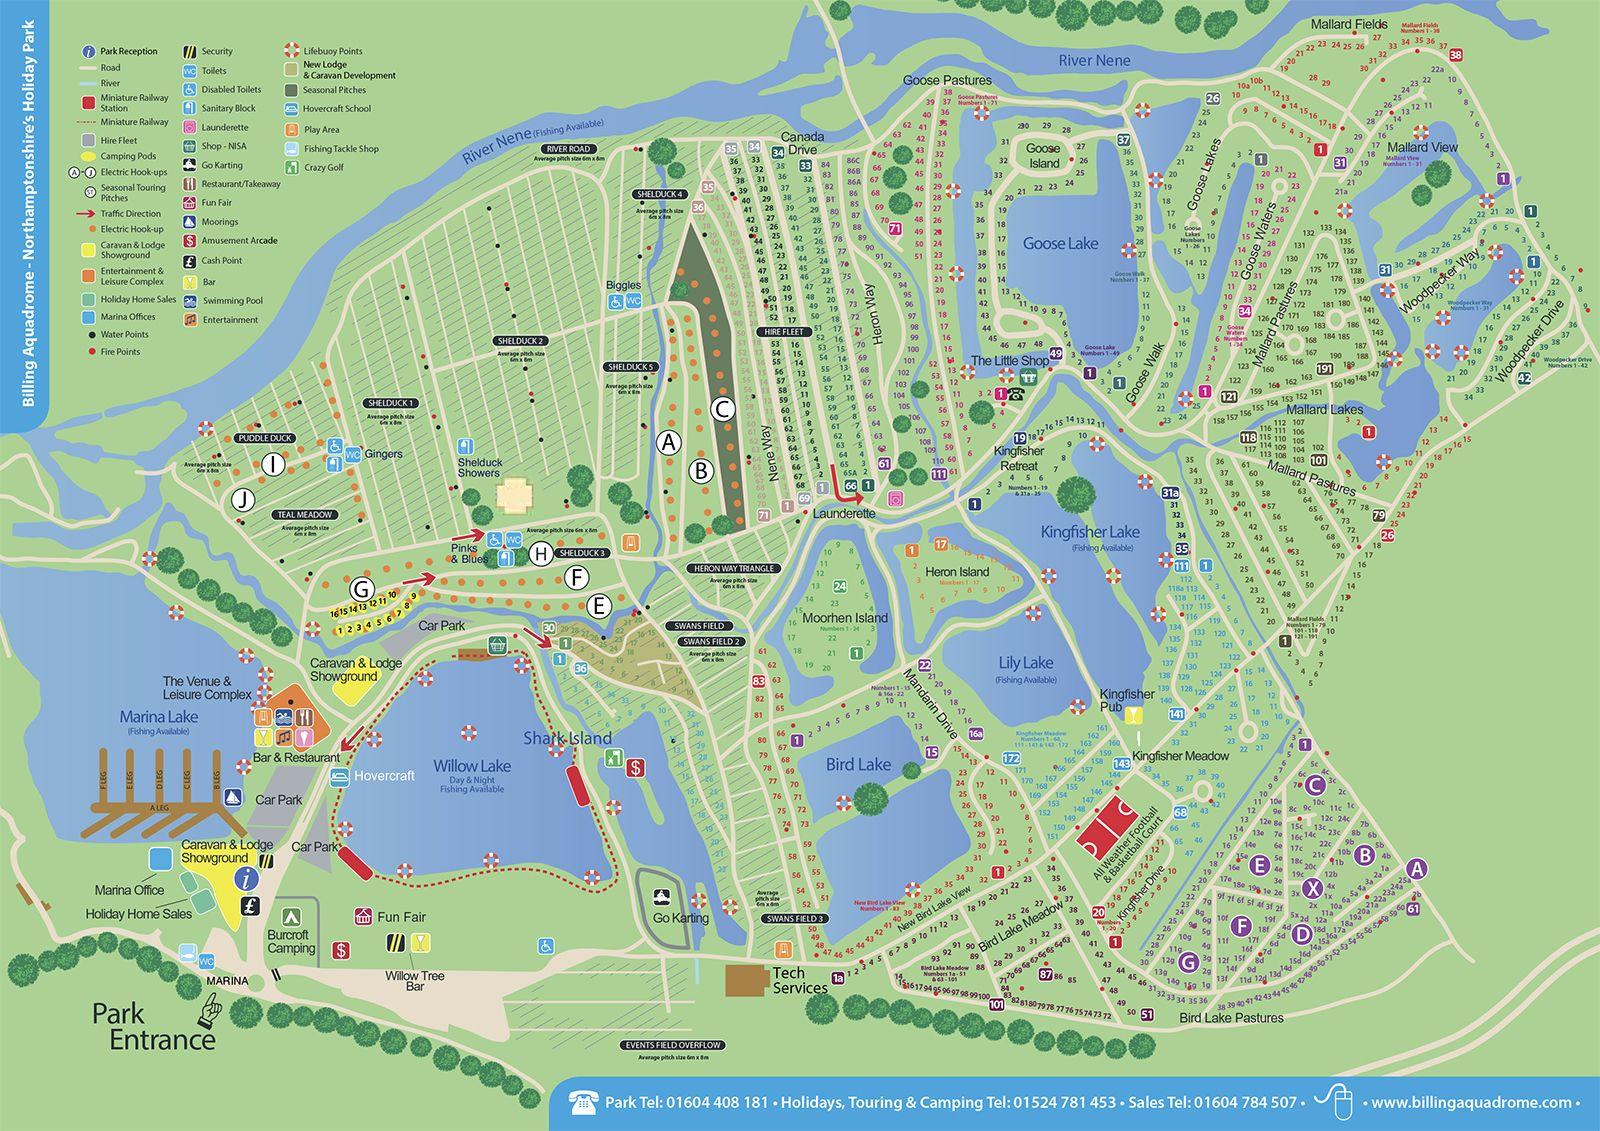 Billing Aquadrome Map Park Map   Billing Aquadrome | Billing Aquadrome | Map, Park